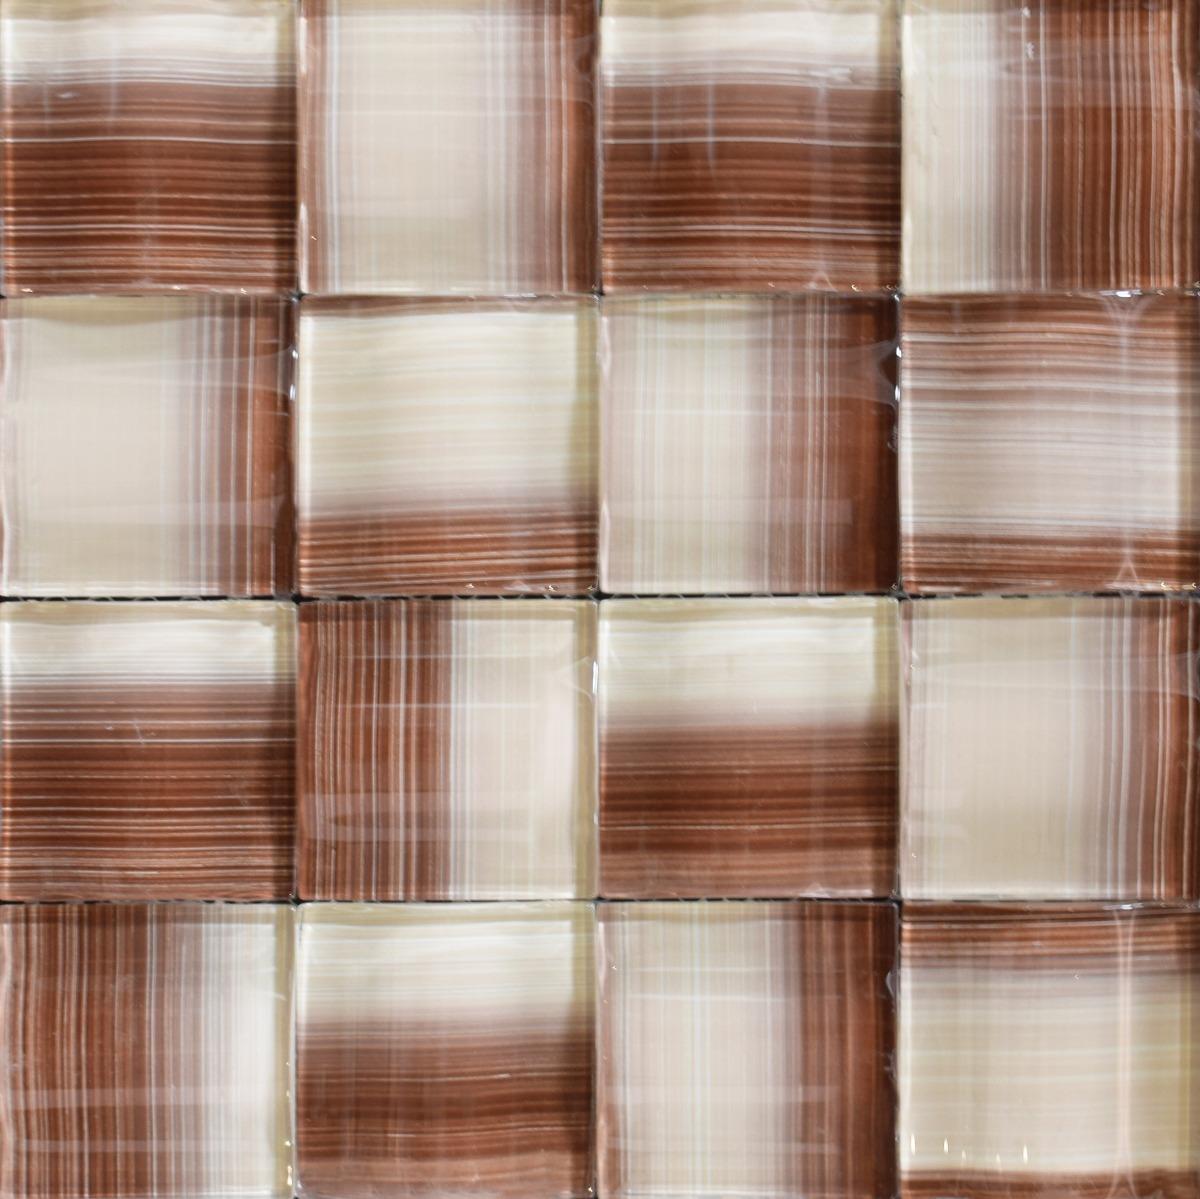 Mosaico revestimiento vidrio pared cocina cer micas castro for Ceramicas castro